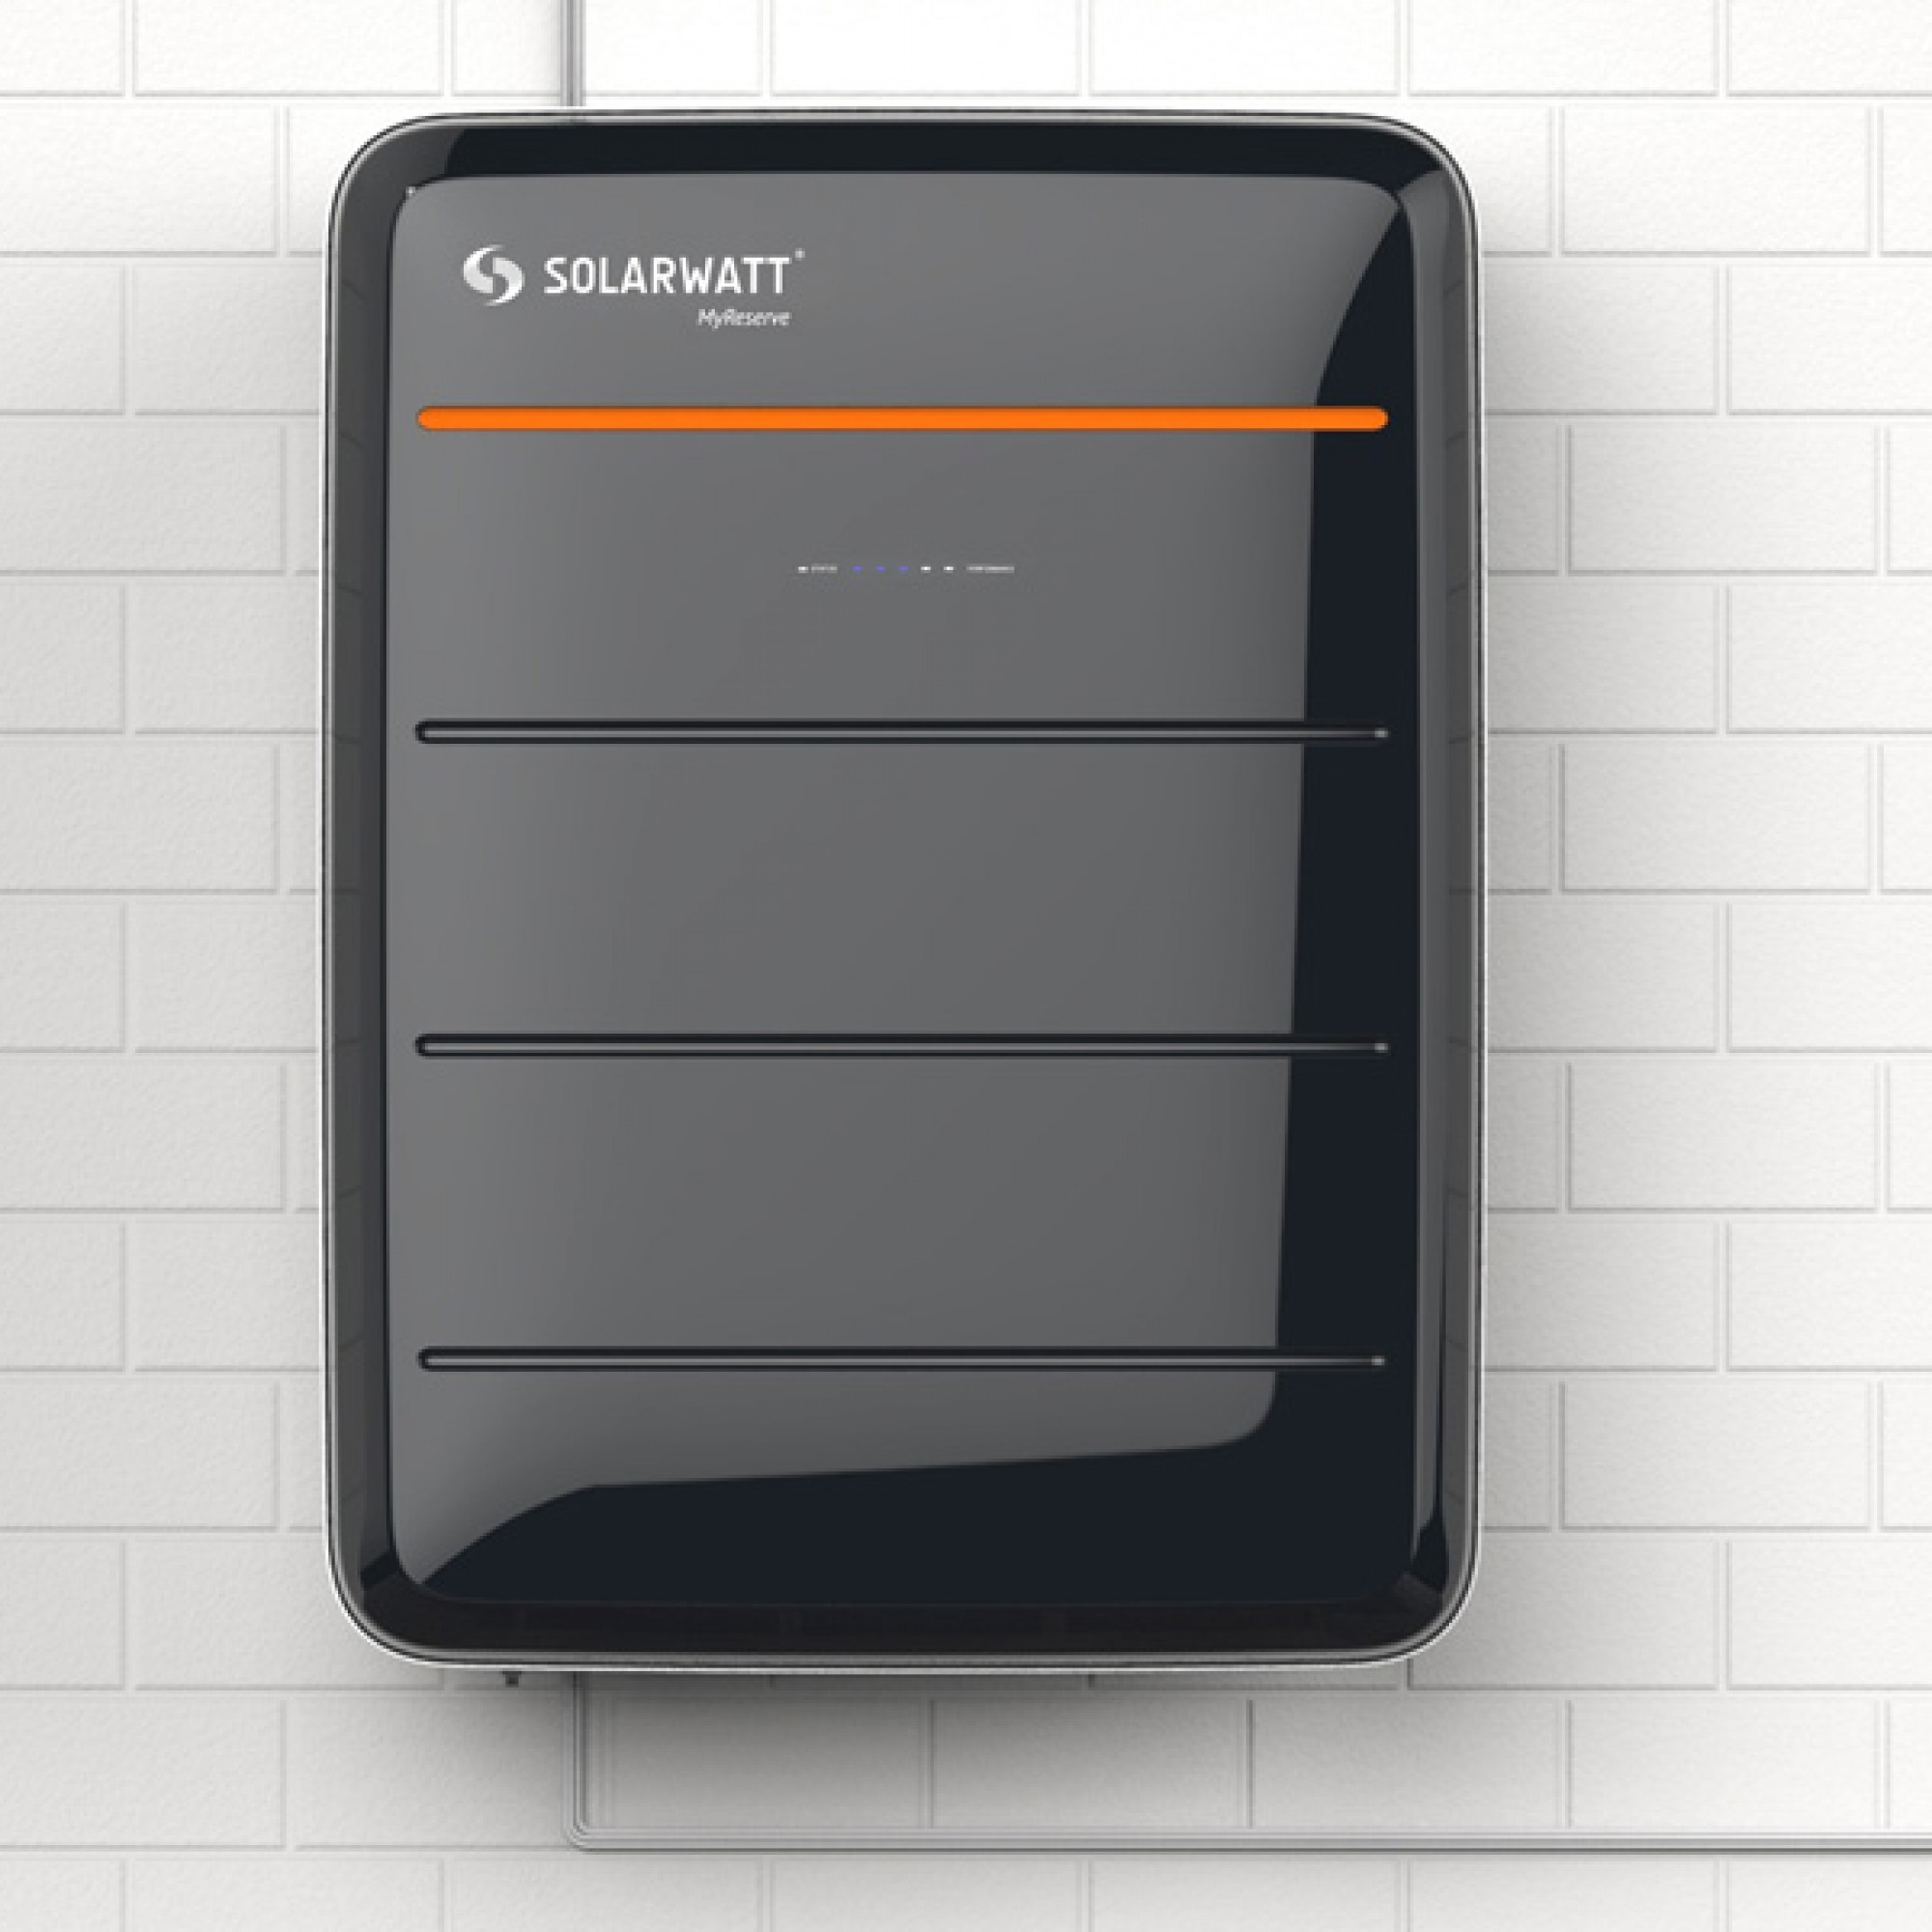 Sieht aus wie ein Koffer, ist aber ein Solarspeicher (obs/Solarwatt)